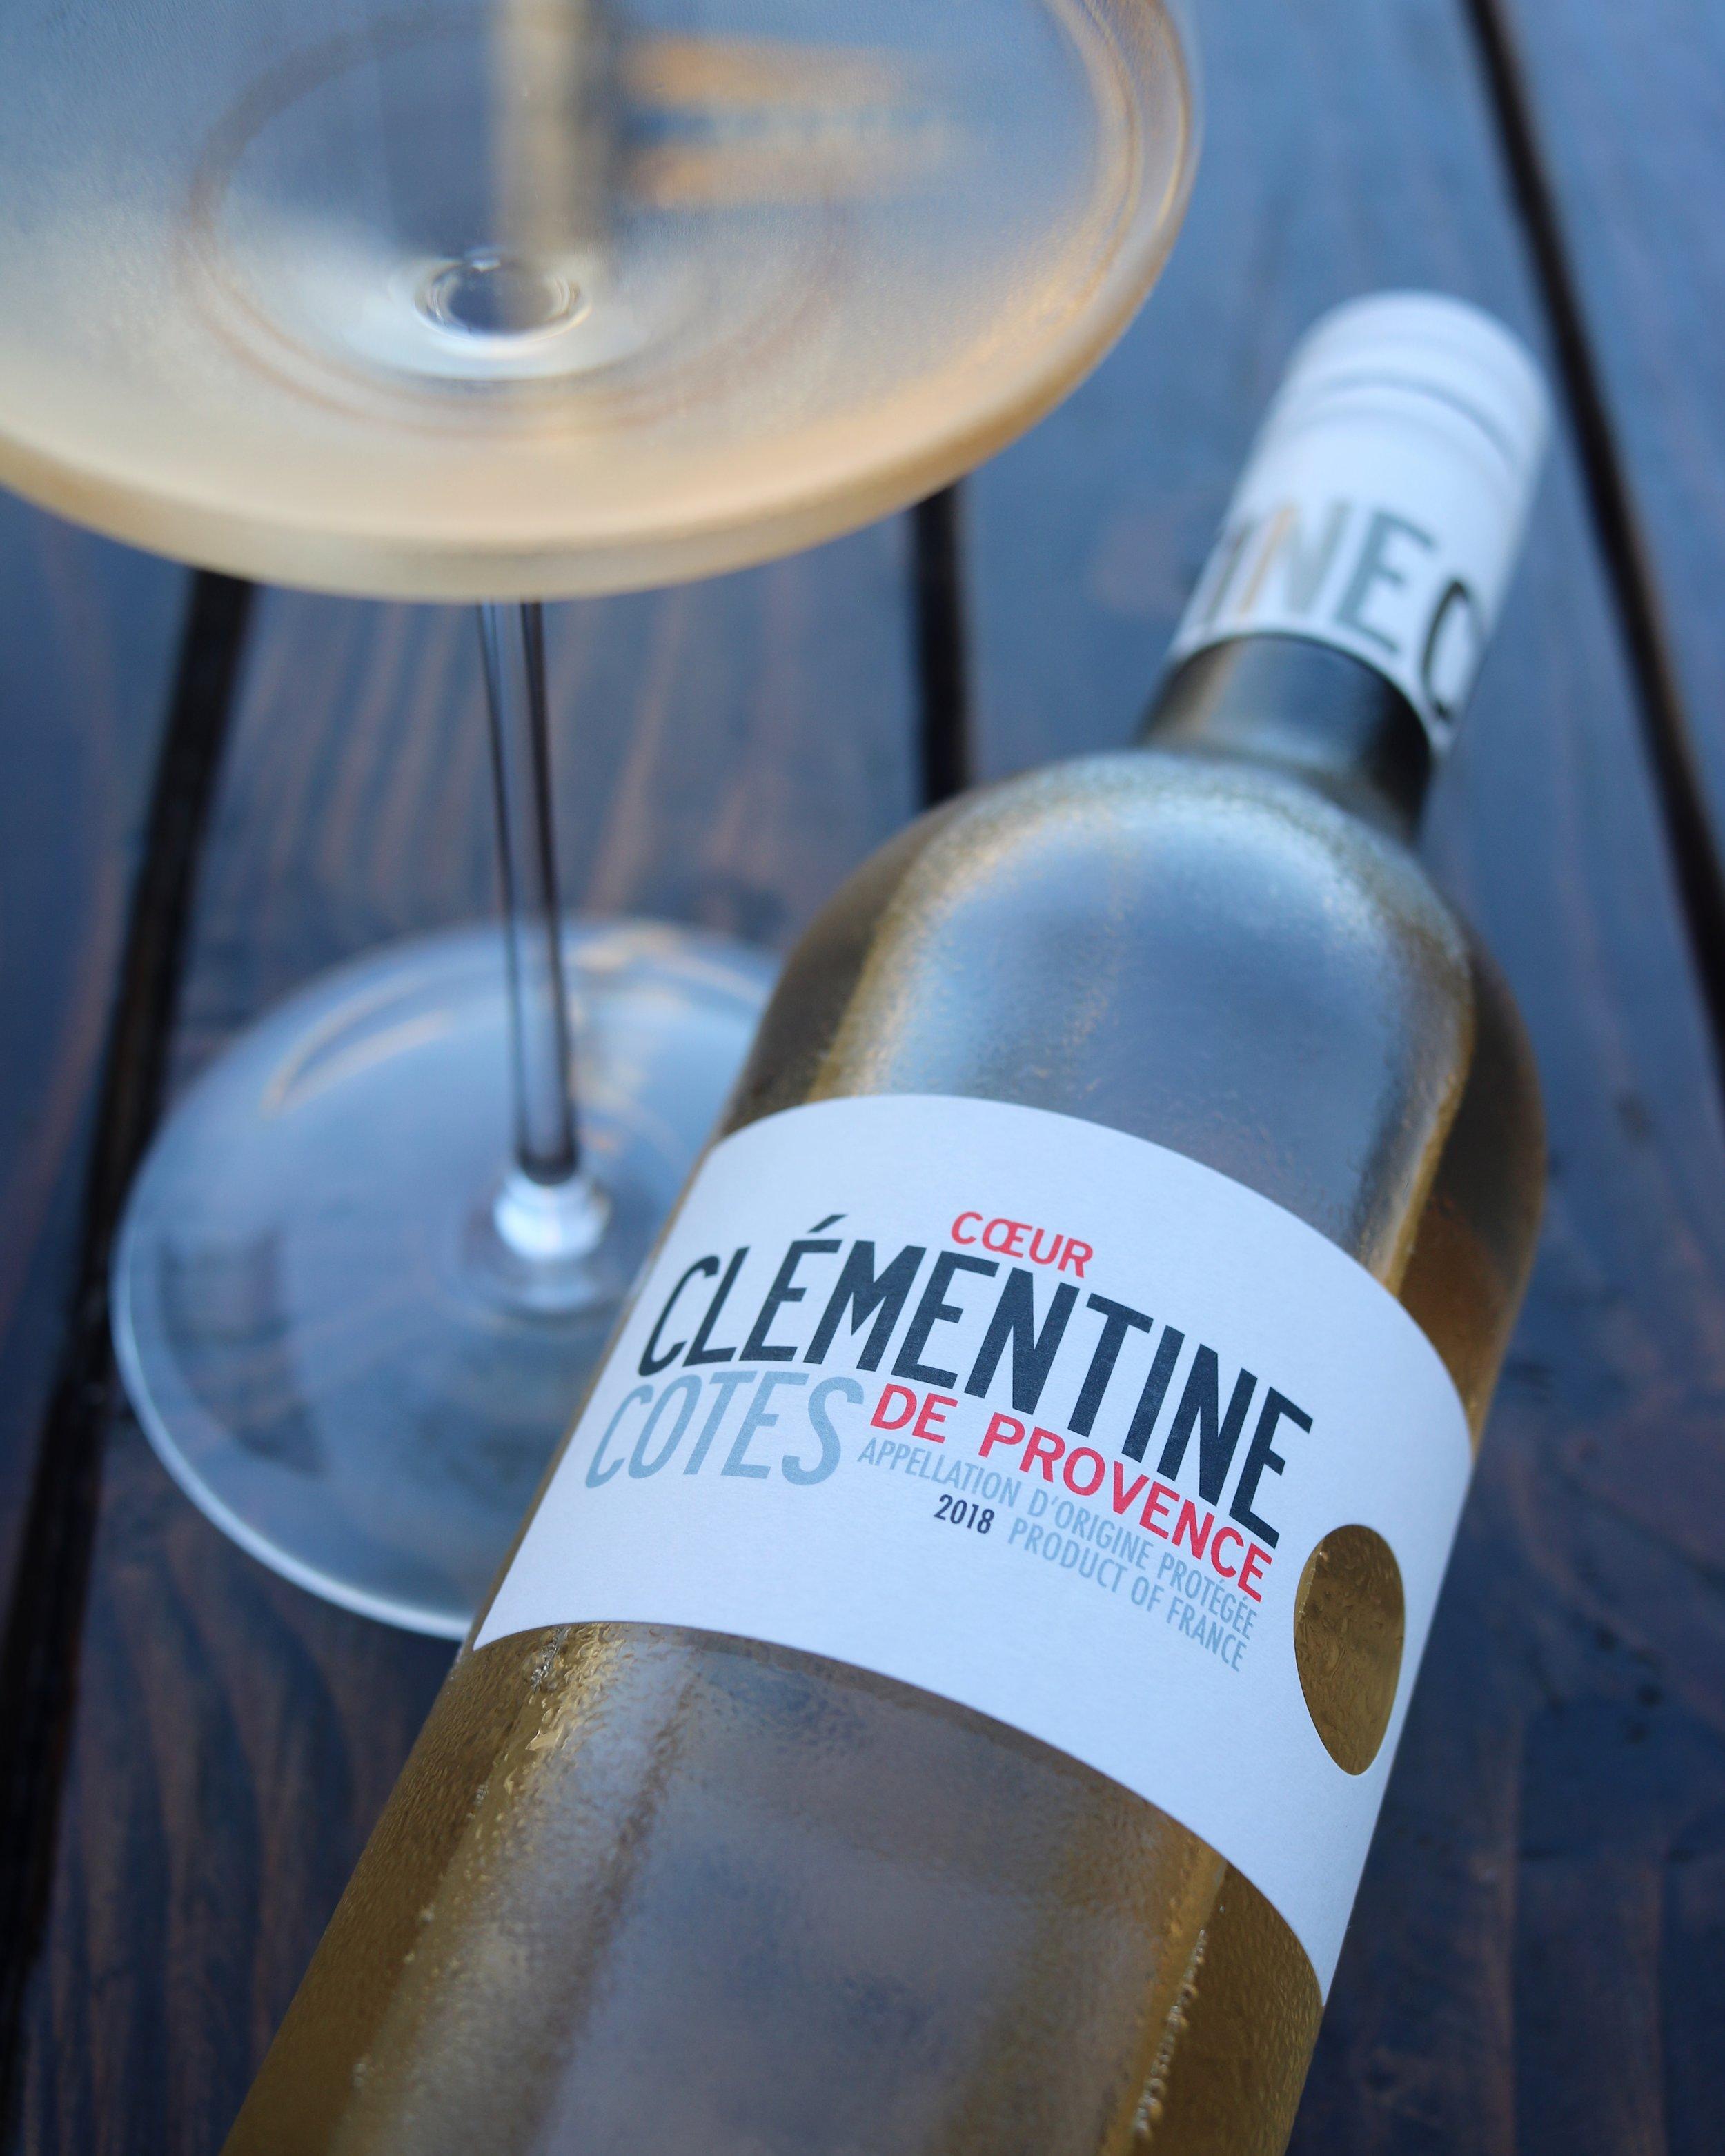 Coeur Clementine.jpg